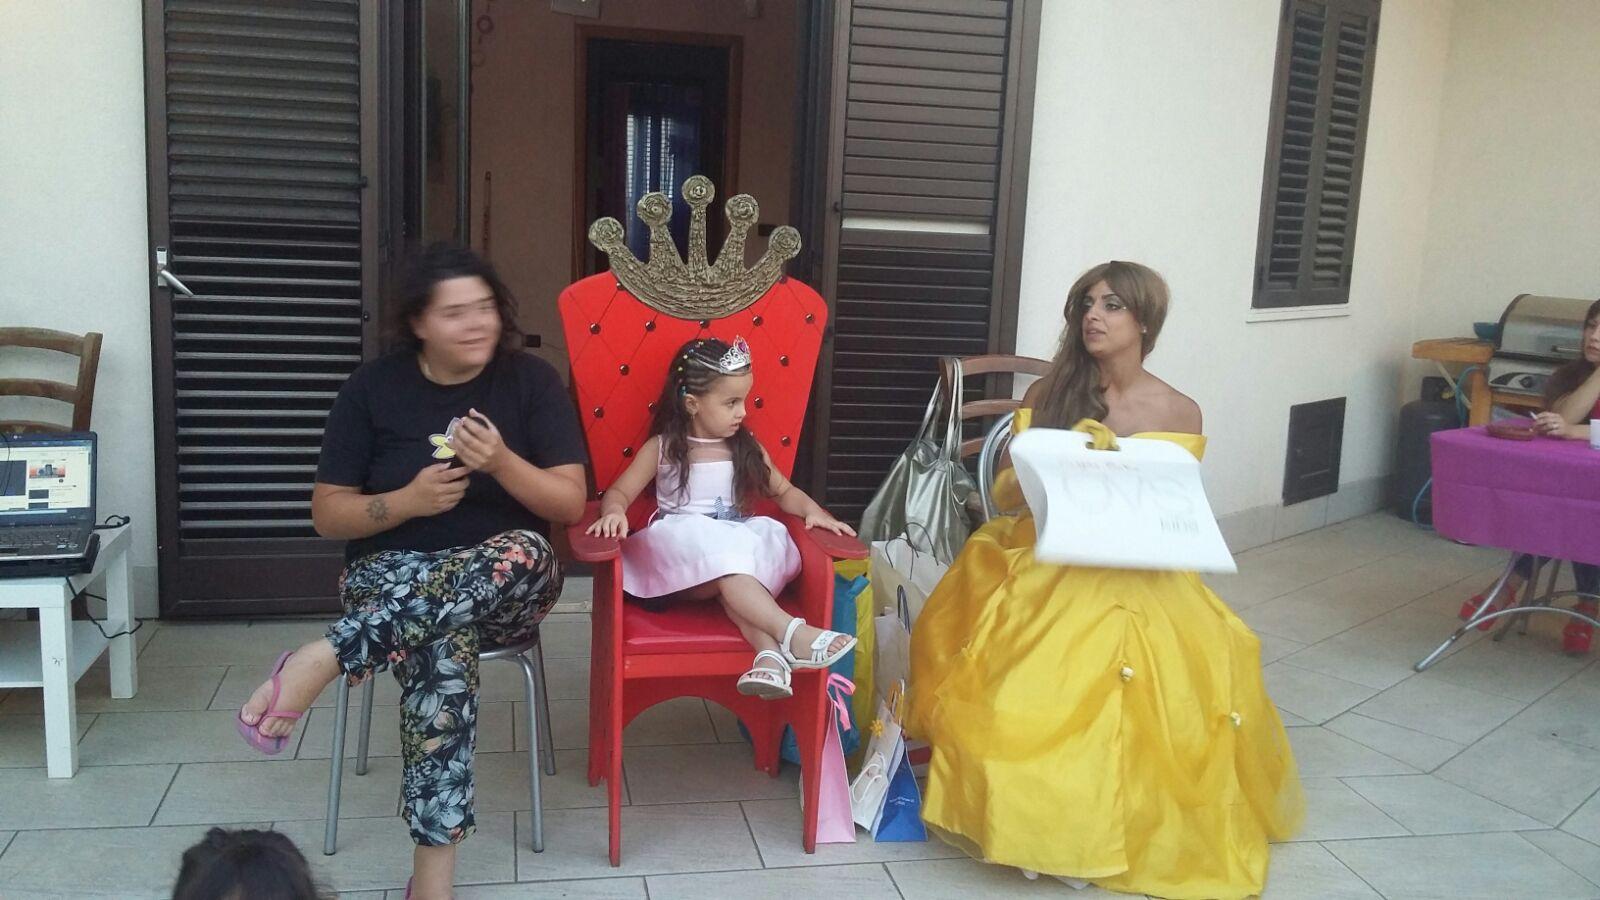 bambina e animatori in costume